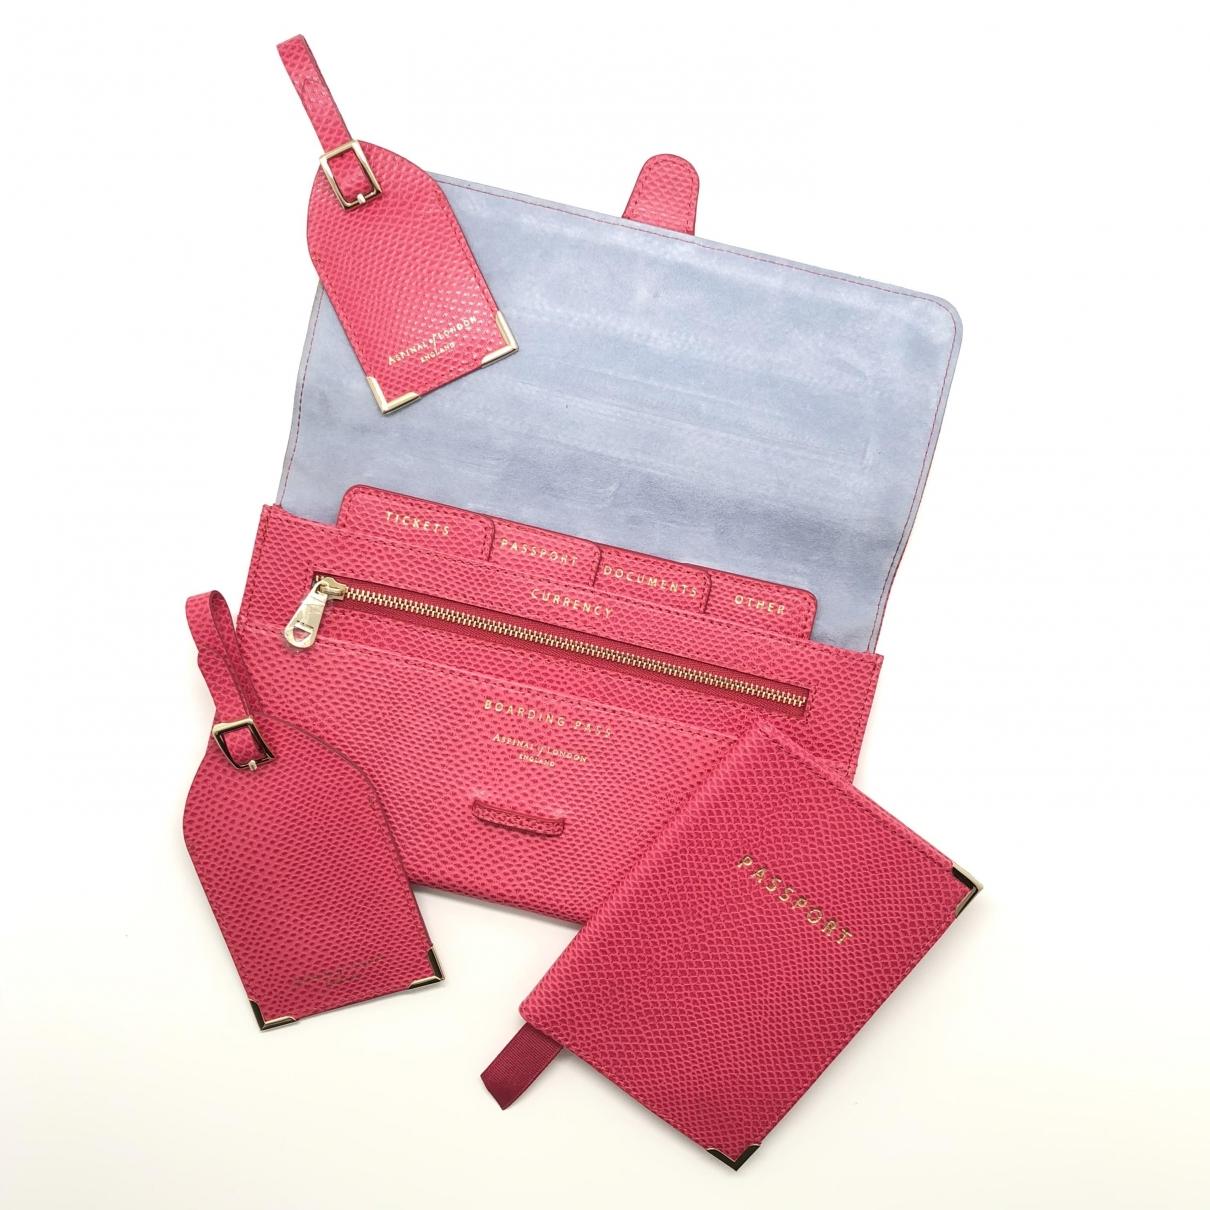 Aspinal Of London - Sac de voyage   pour femme en cuir - rose